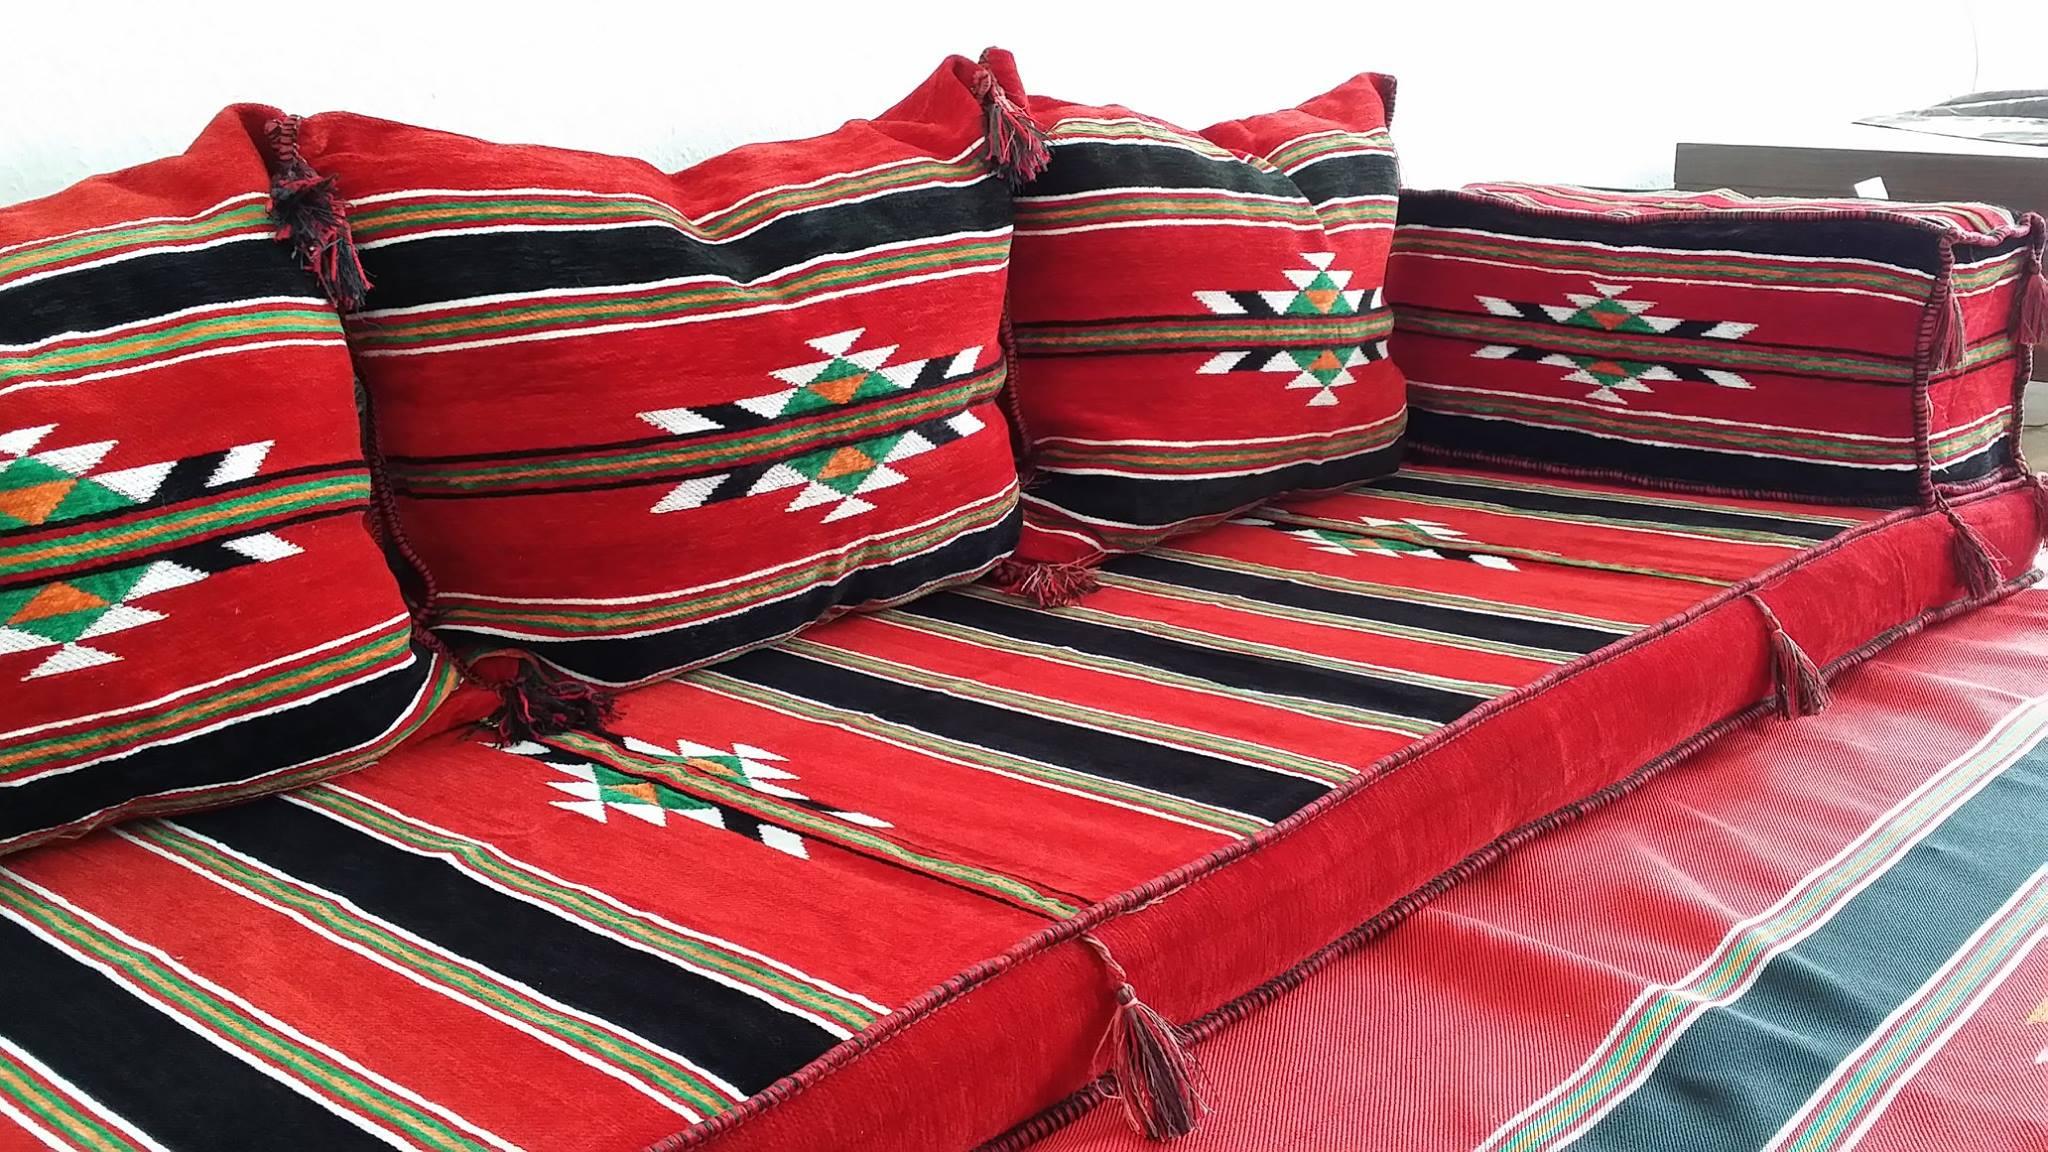 file:orientalische sitzecke ,original nach traditioneller art